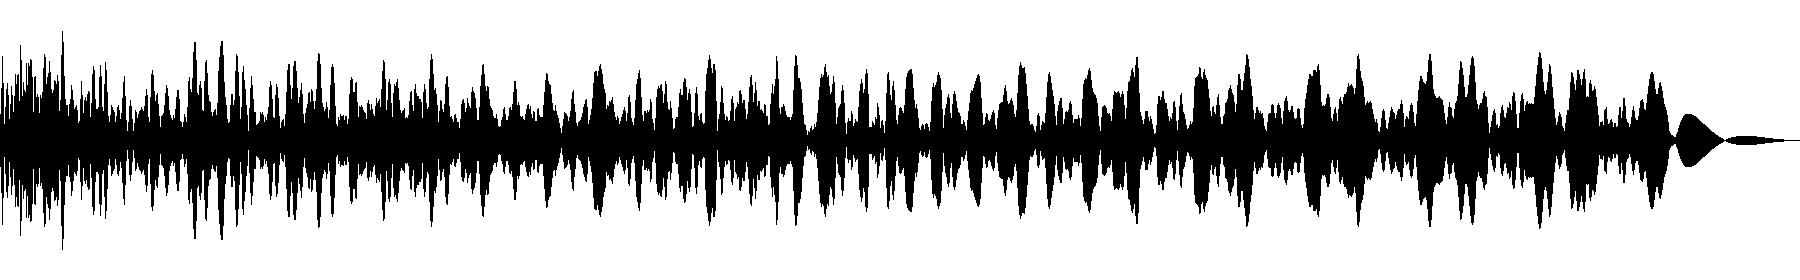 vedh synth cut 020 fm